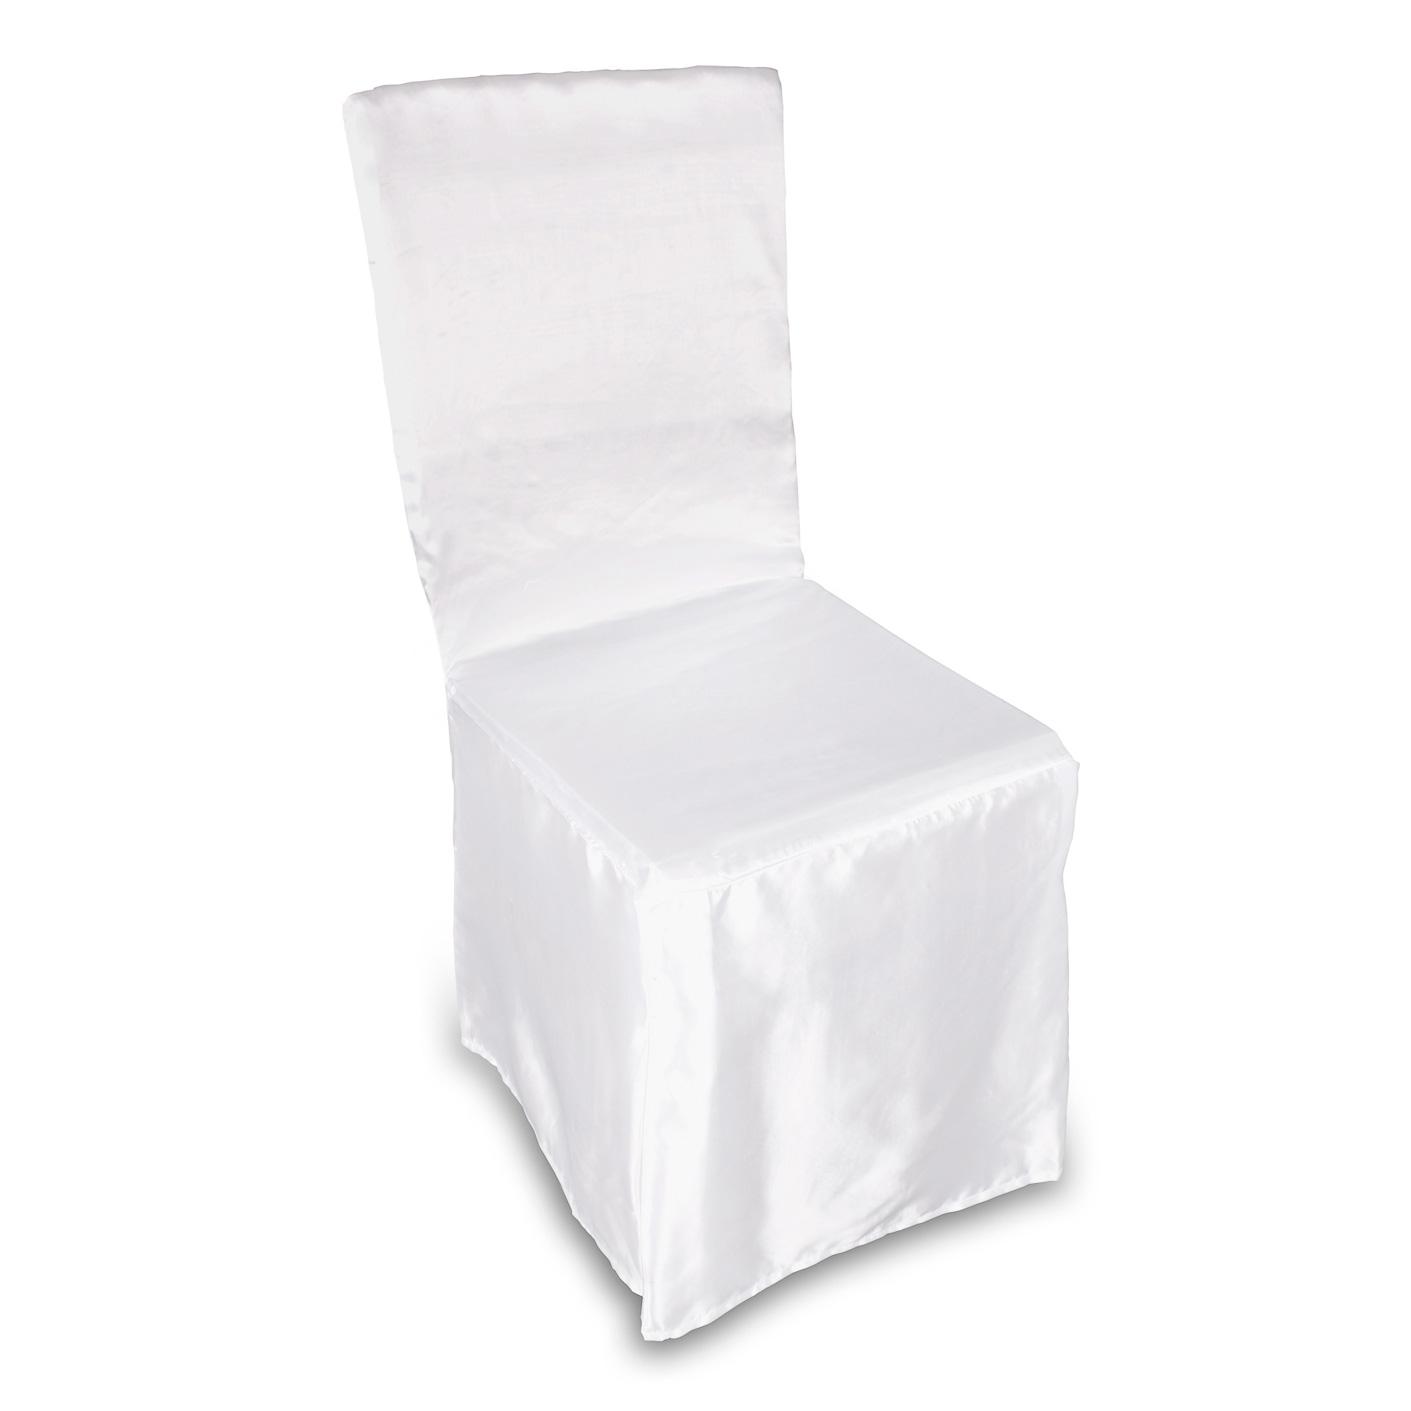 Stuhlhusse Satin Elfenbein weiß einzeln oder im Set  eBay